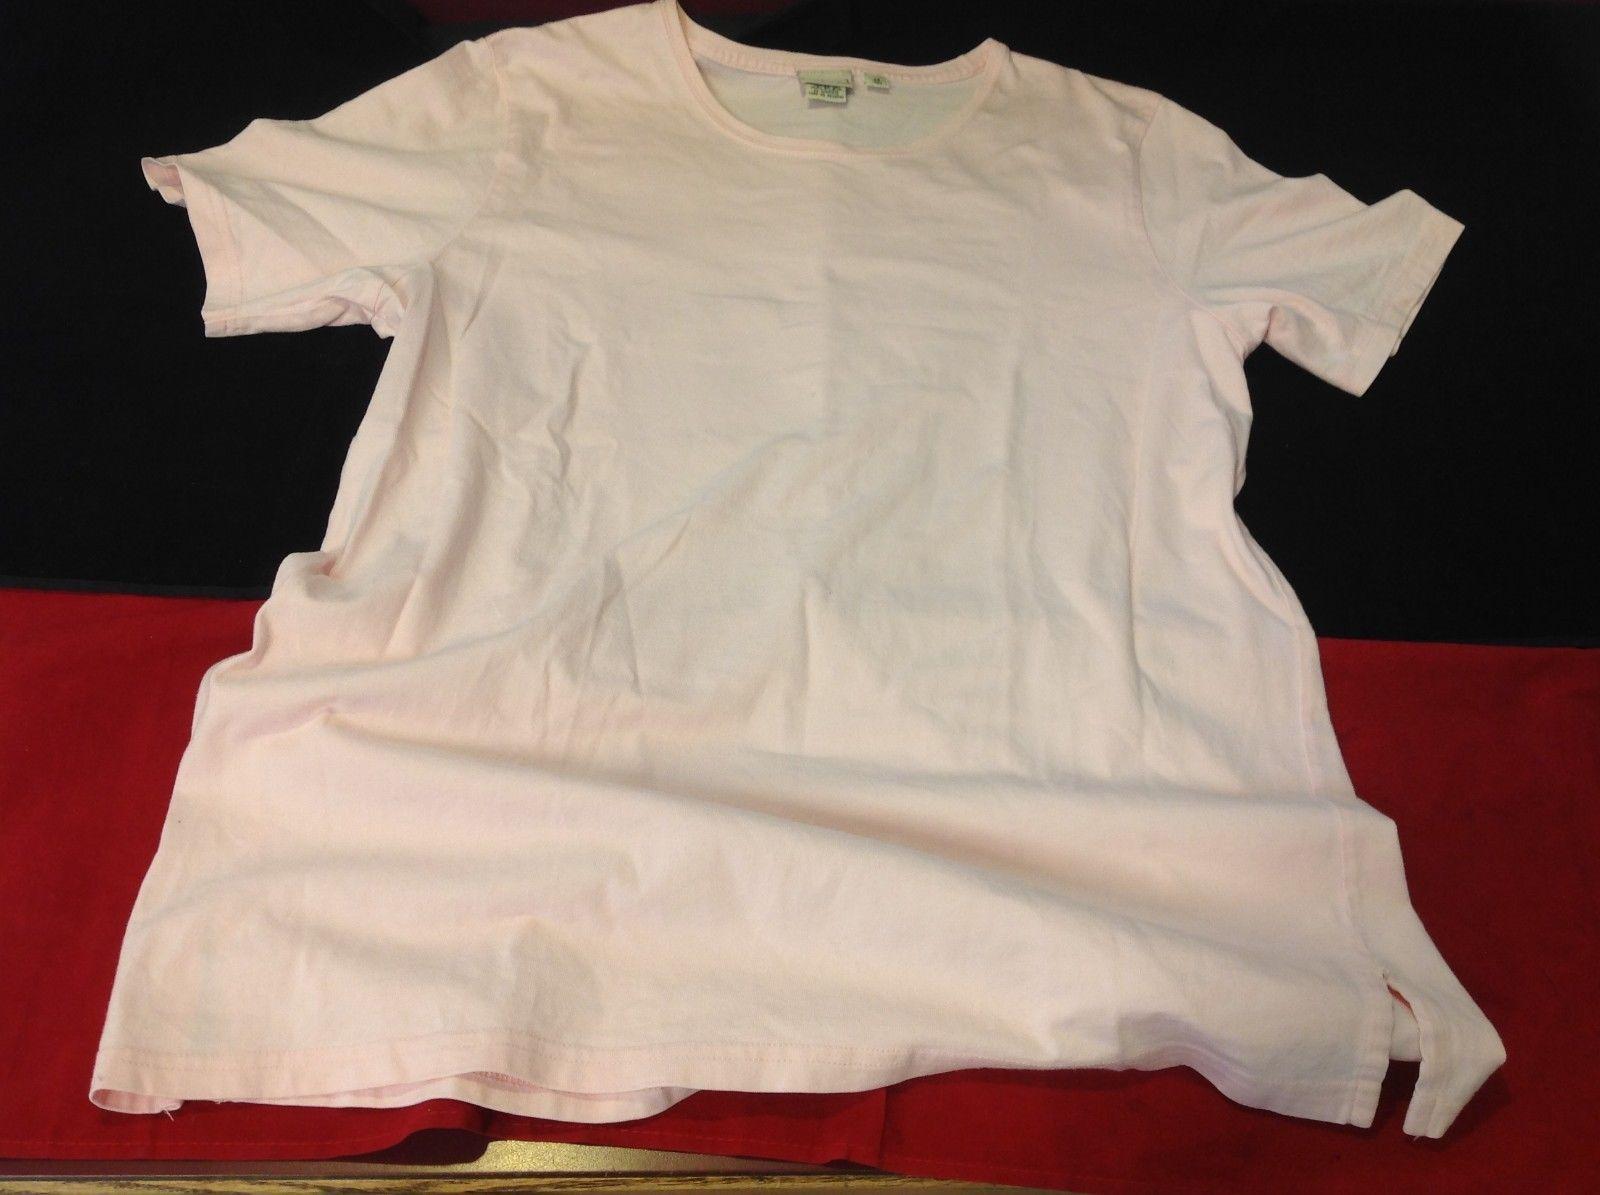 L Bean short sleeve shirt light pink size medium for women